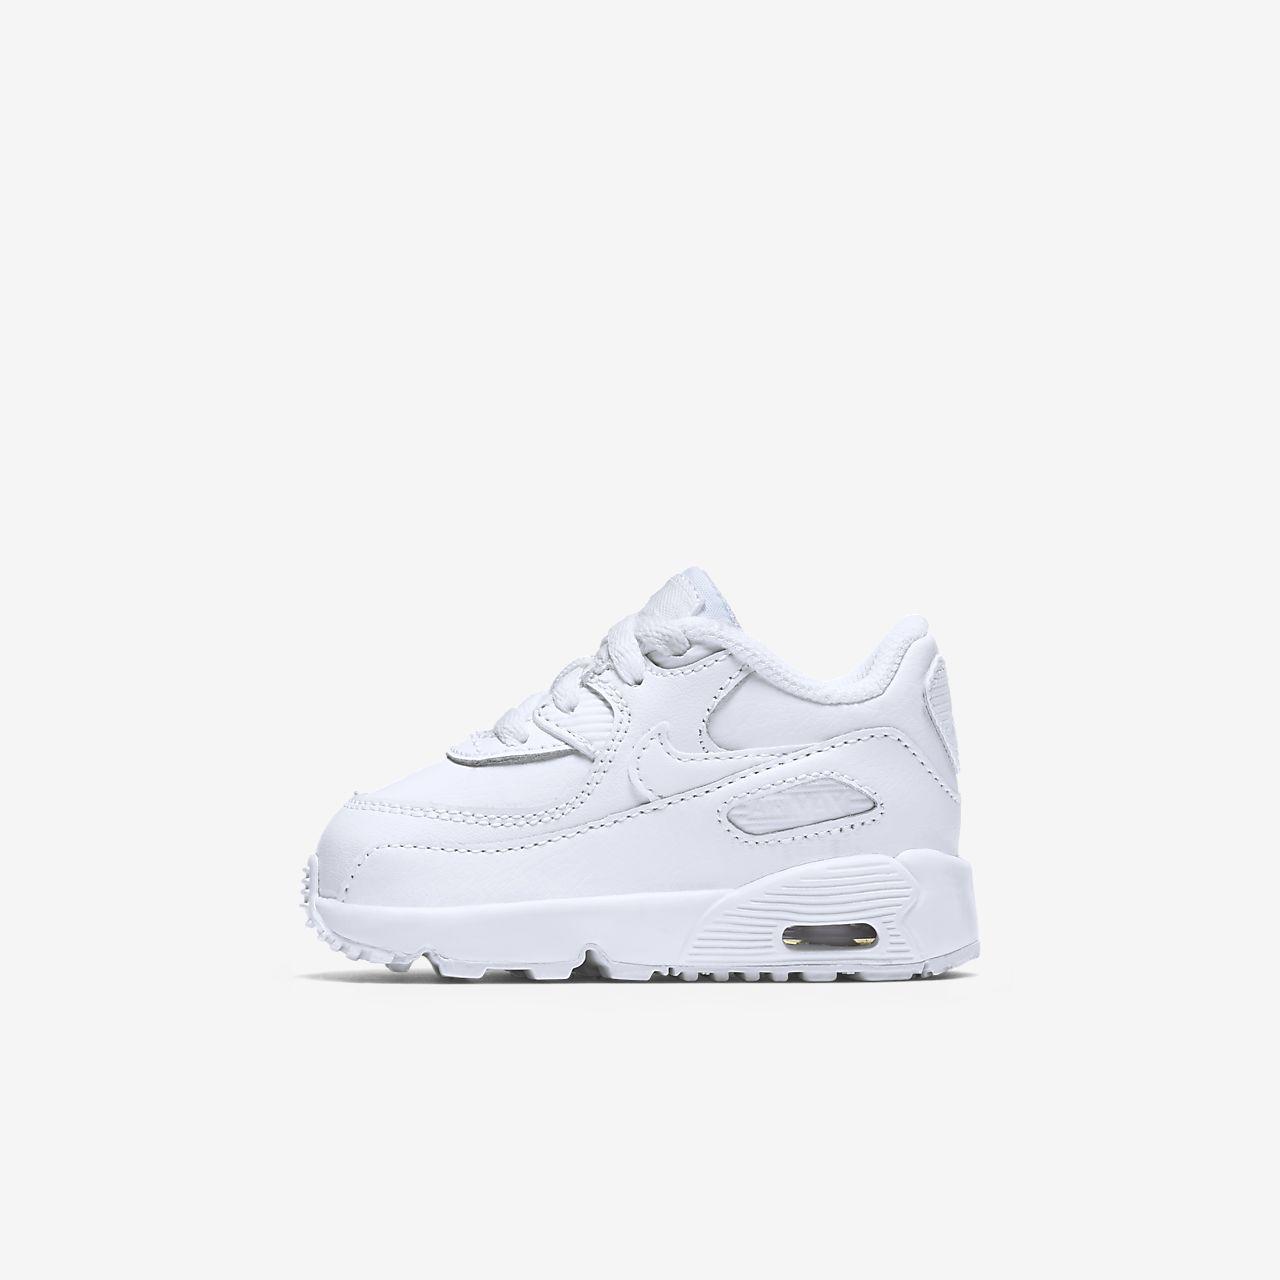 Salg Nike Sko,Nike Air Max 1 Baby Svart Hvite